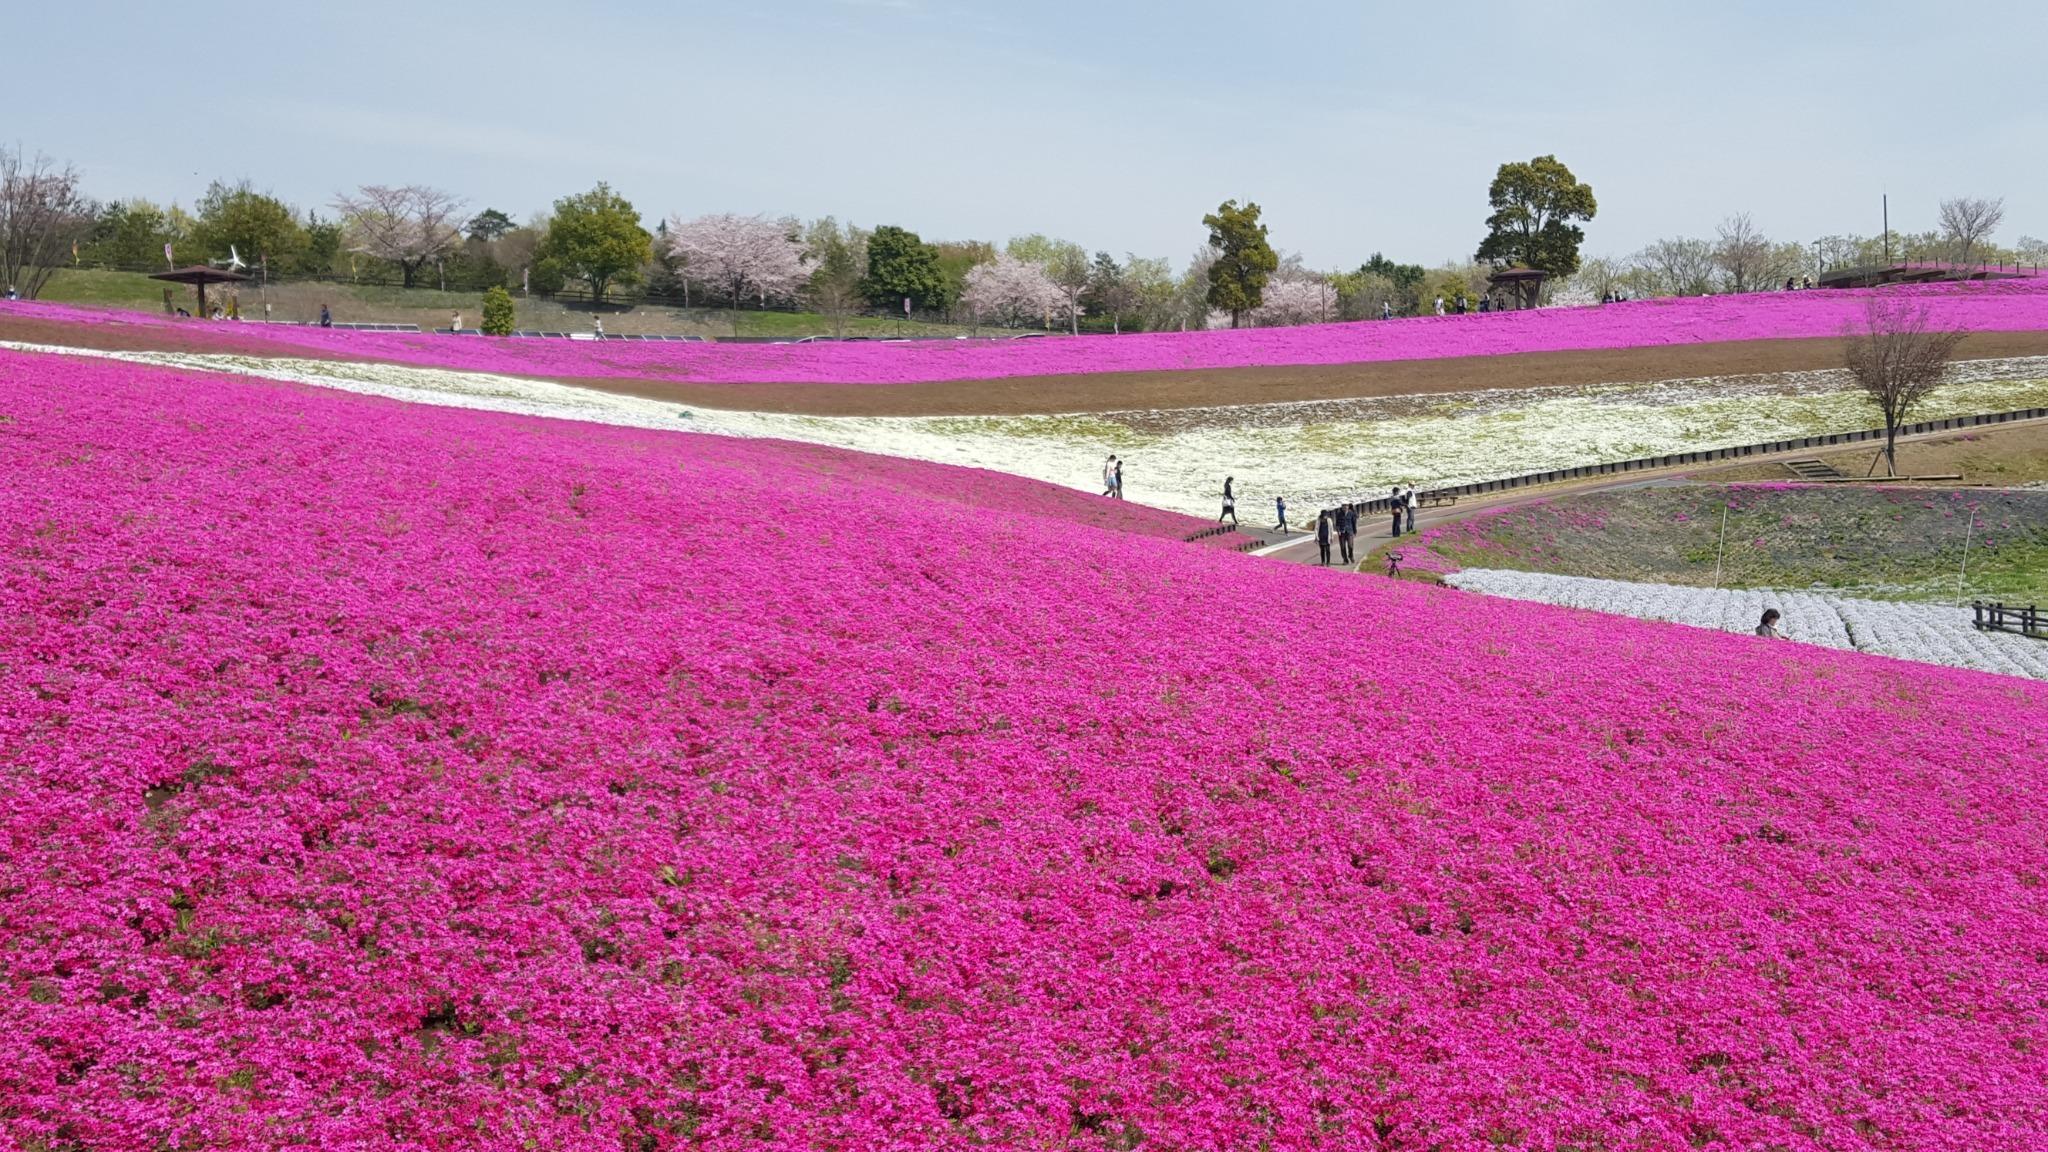 太田市春の芝桜